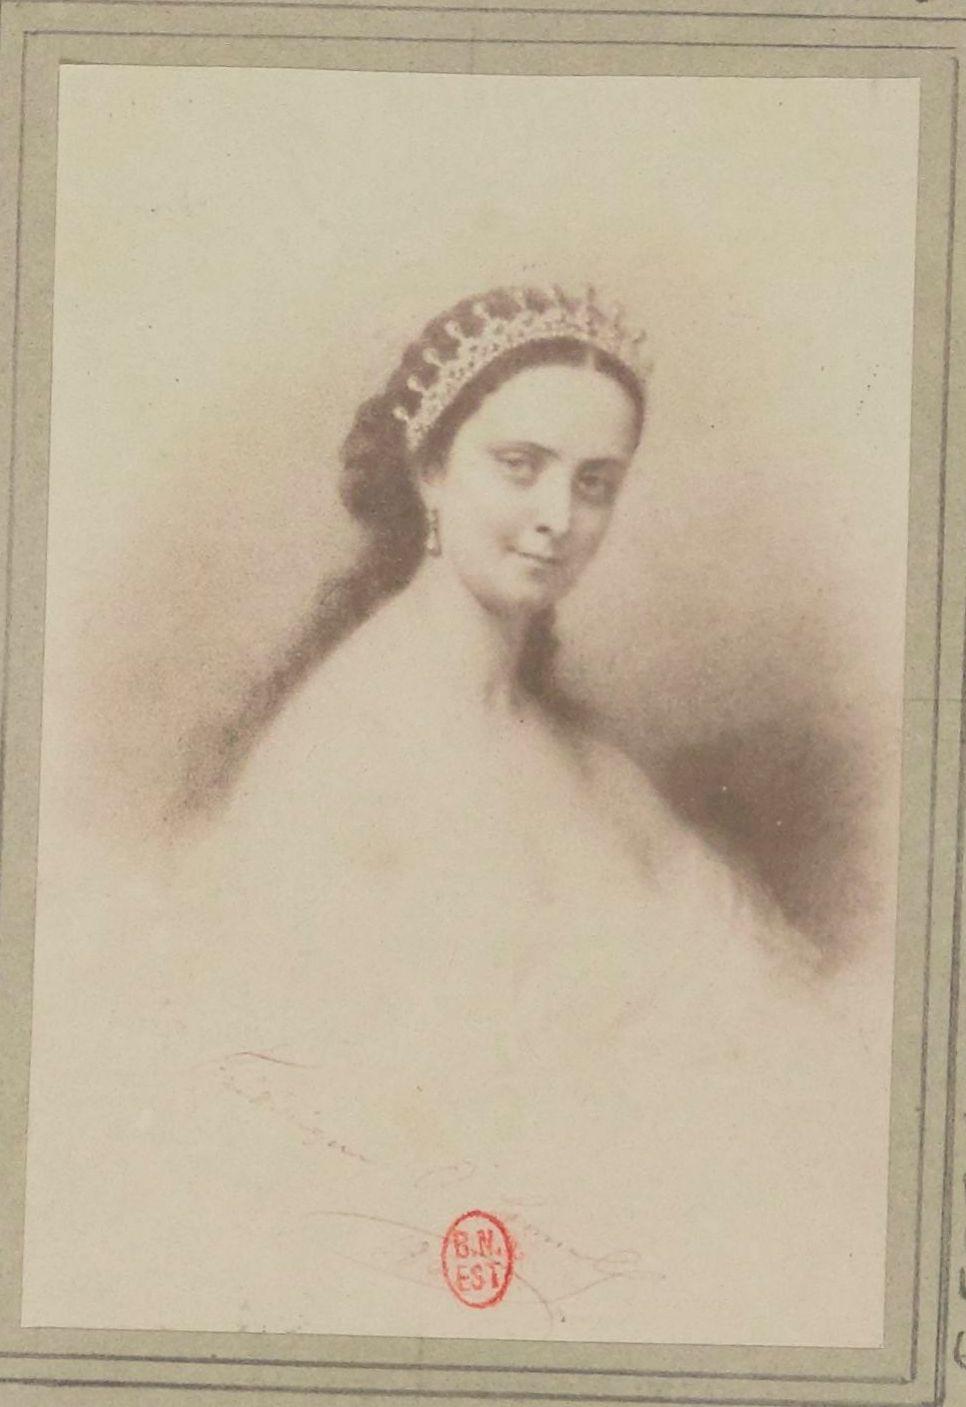 Мария Раттацци (урождённая Мария Летиция Бонапарт Вейз, принцесса де Сольмс, затем графиня Ратацци) — французская писательница, поэтесса и журнали